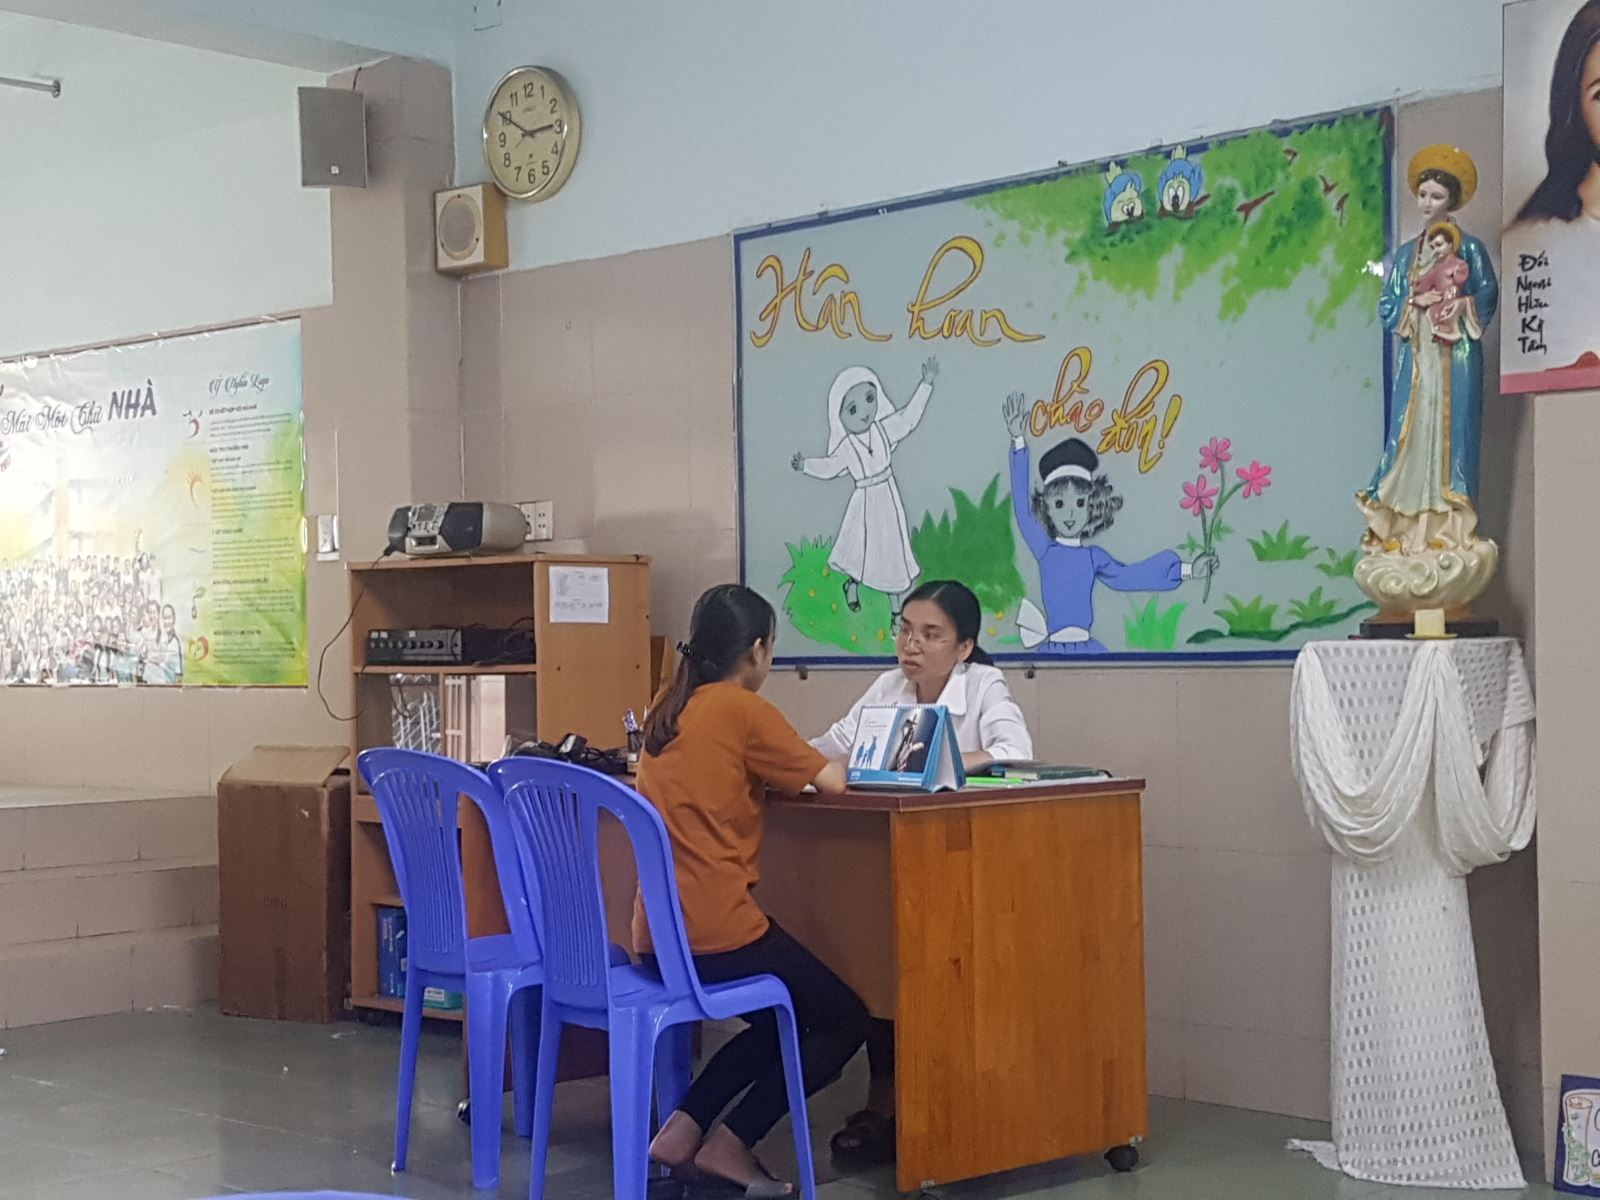 tu van thong tin tuyen sinh cho tan sinh vien o luu xa hoa hung - Lưu xá Công giáo ở Sài Thành mở cửa đón tân sinh viên